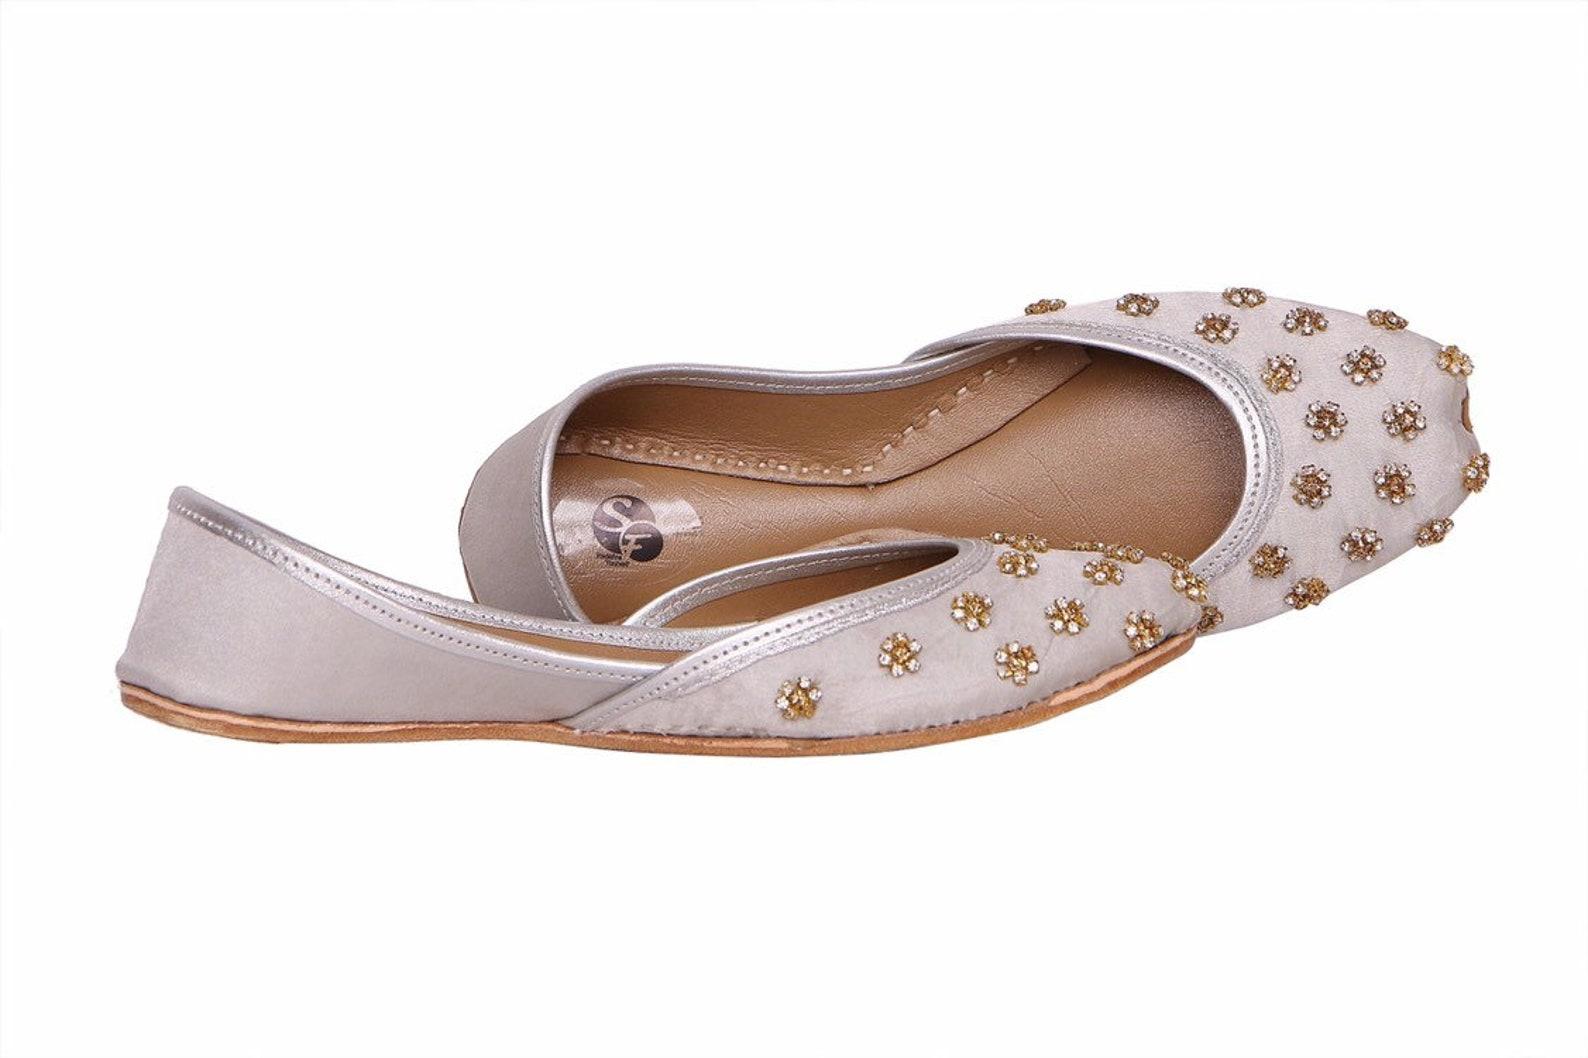 silver base gold embellished ballet flat shoes blue jutis silver slip ons mojari blue khussa